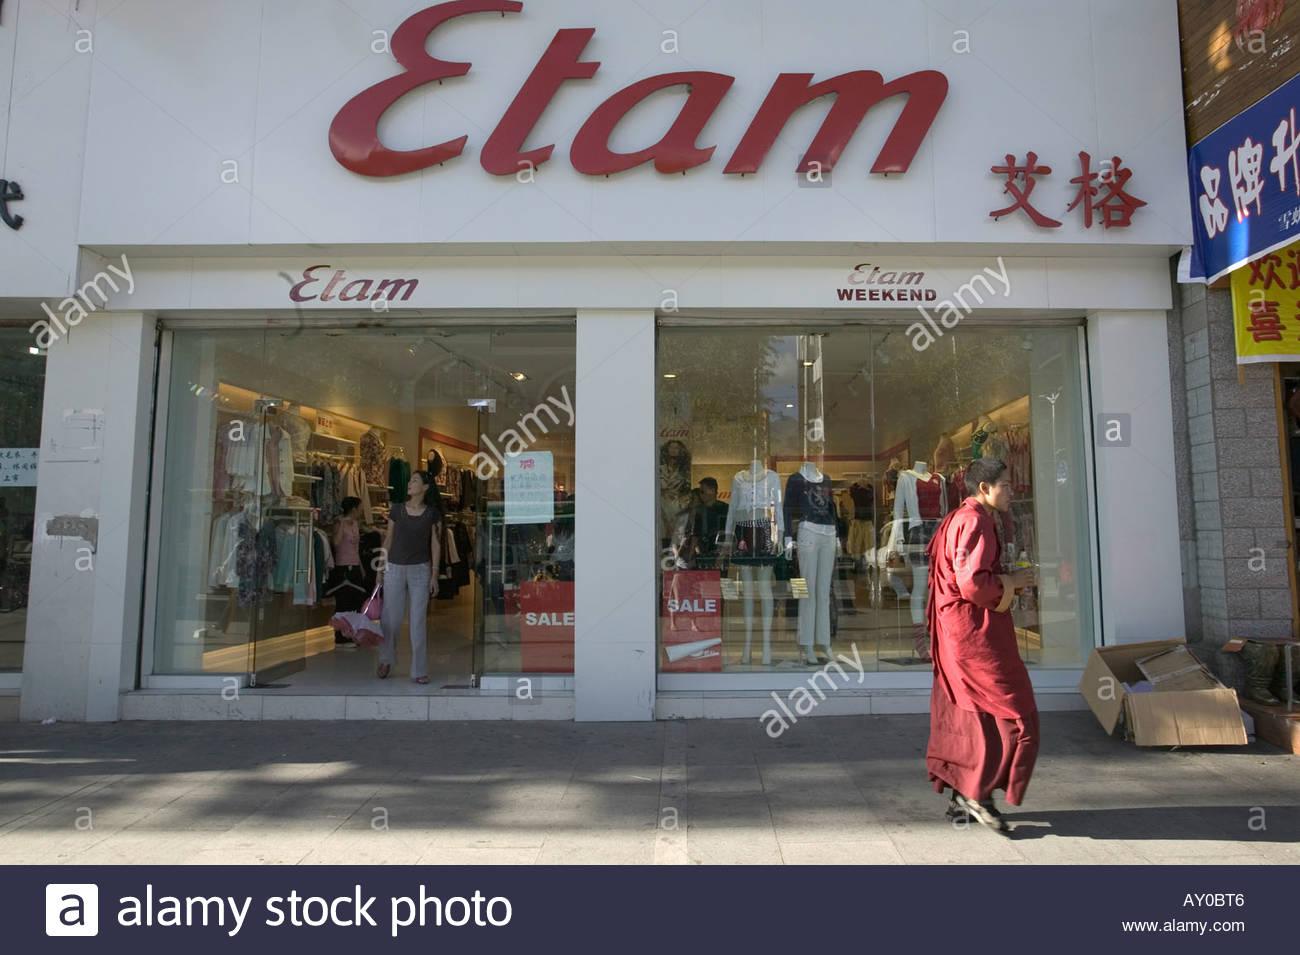 Etam China